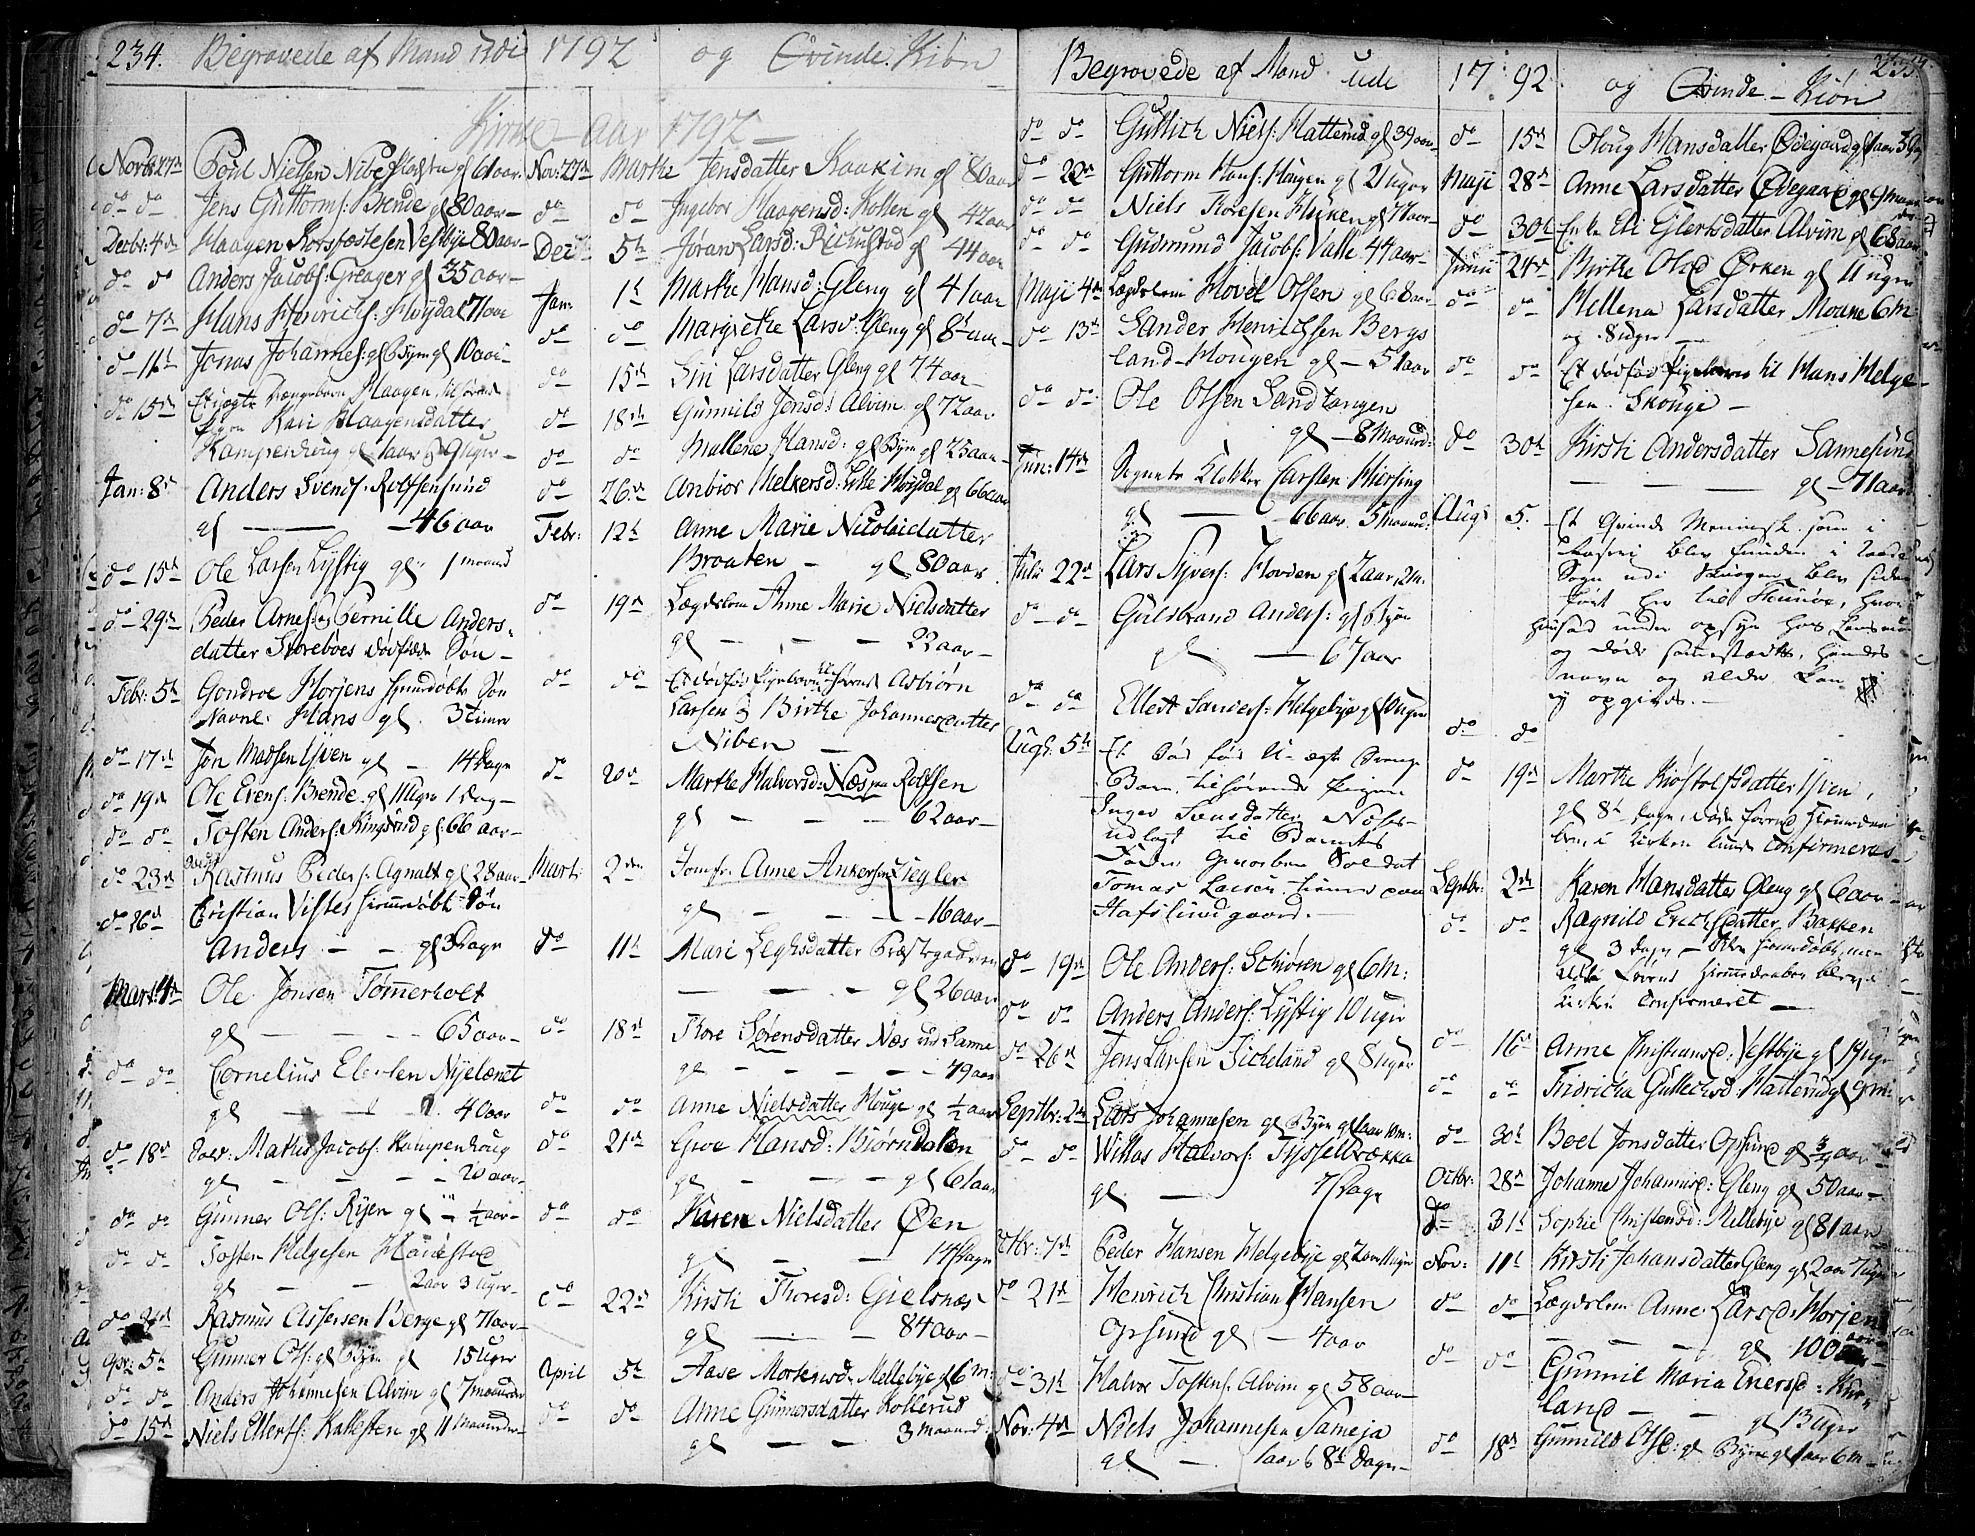 SAO, Tune prestekontor Kirkebøker, F/Fa/L0003: Ministerialbok nr. 3, 1781-1796, s. 234-235